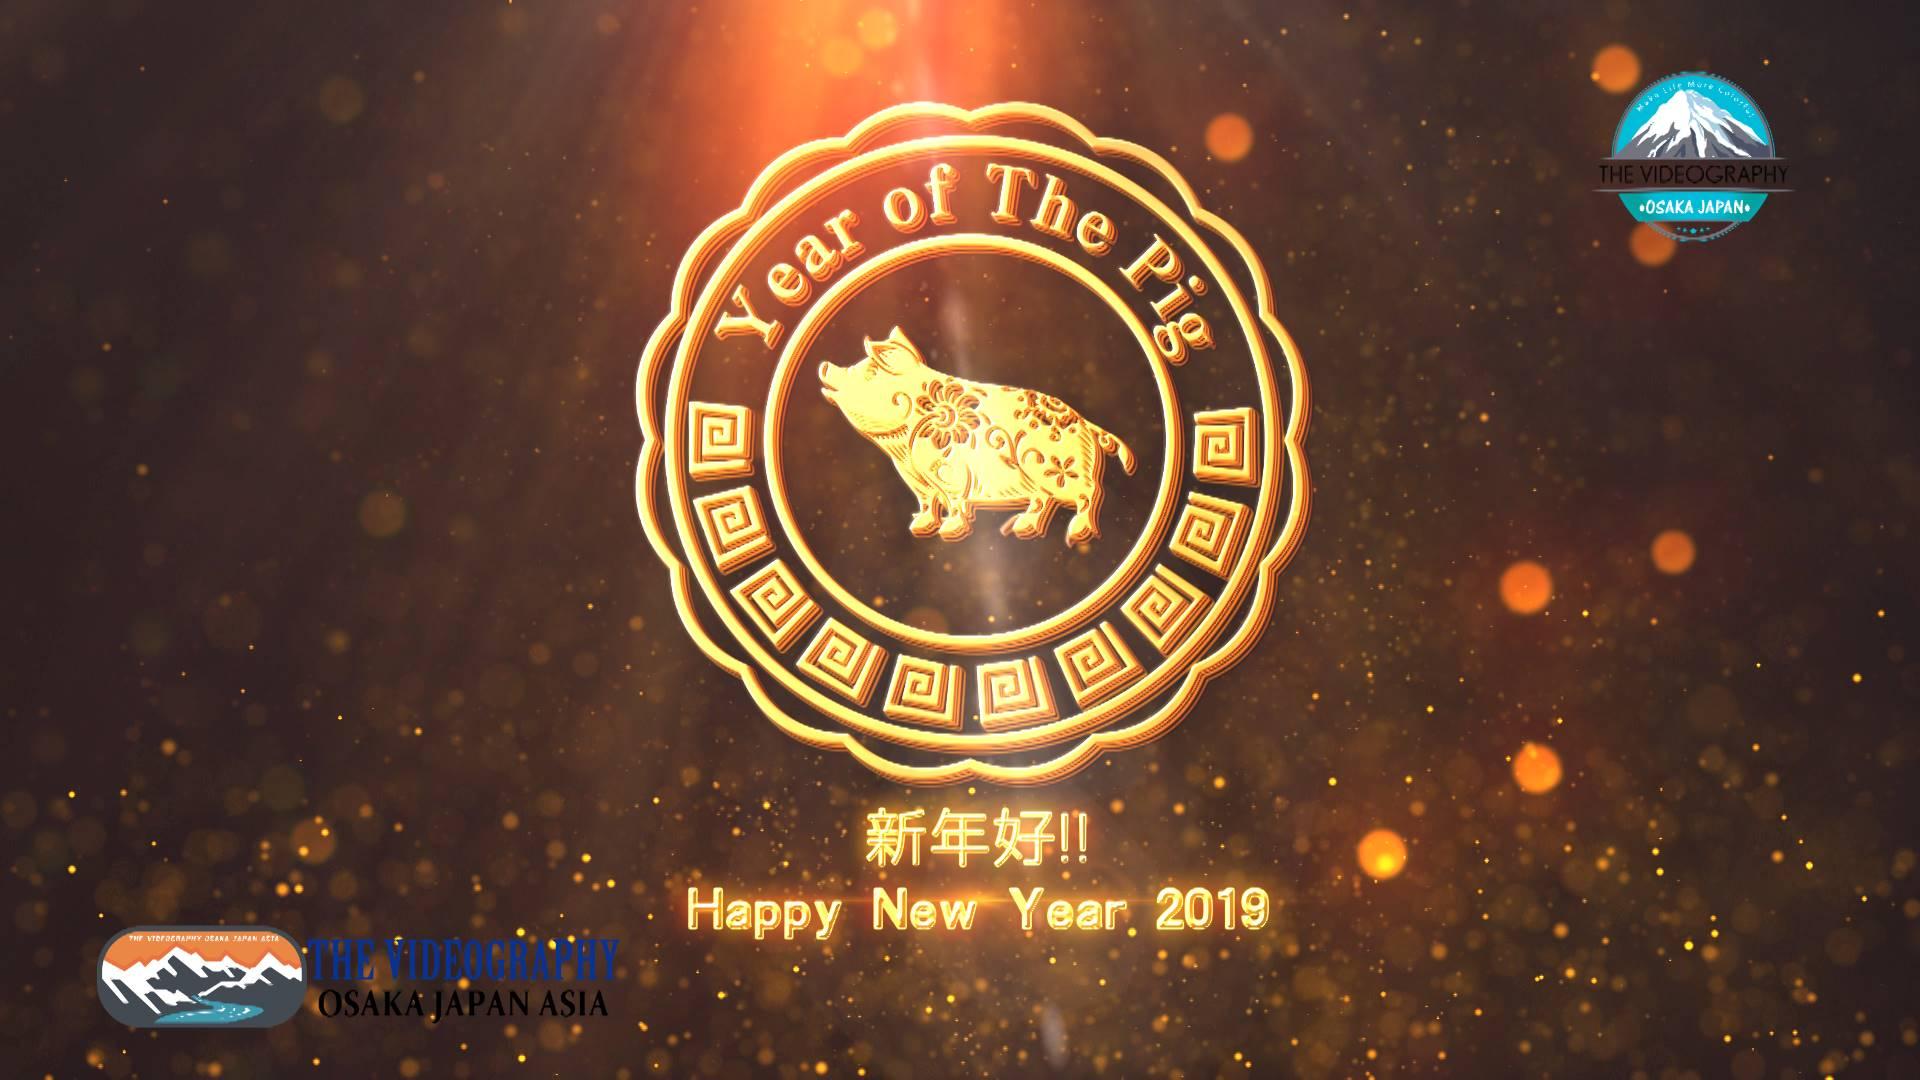 祝你新年好! 中国 旧正月 春節 春节 2019 亥年の新年 オープニングムービー。Year of the Pig / Boar. Chinese New Year / Lunar New Year Spring Festival。